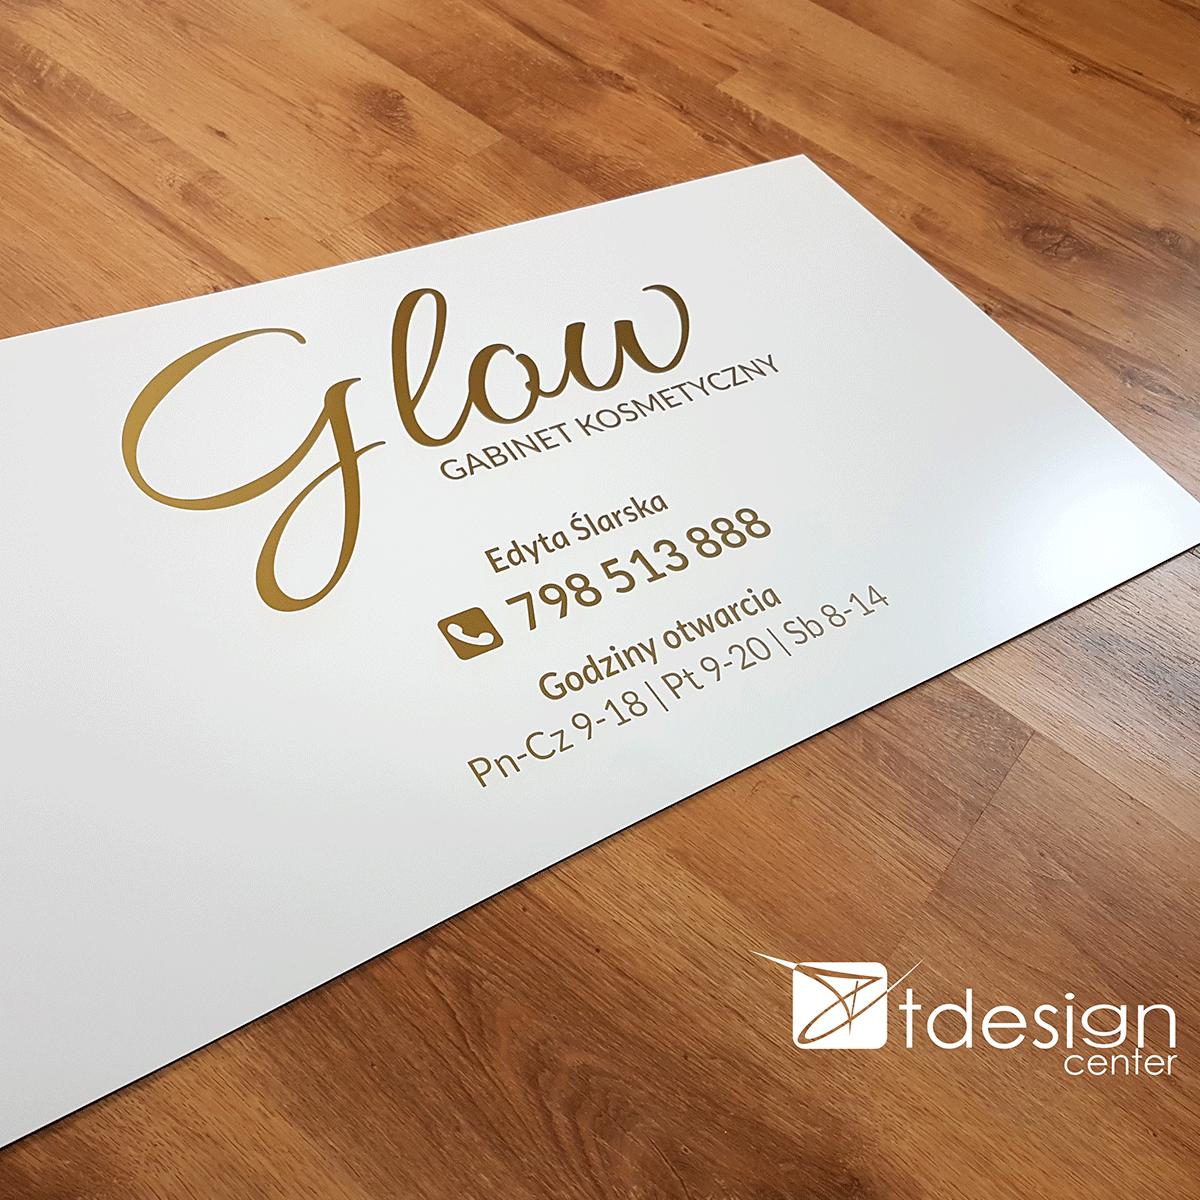 Tablica DIBOND 75x40cm, folia ploterowa złota - projekt + realizacja dla salonu kosmetycznego Glow